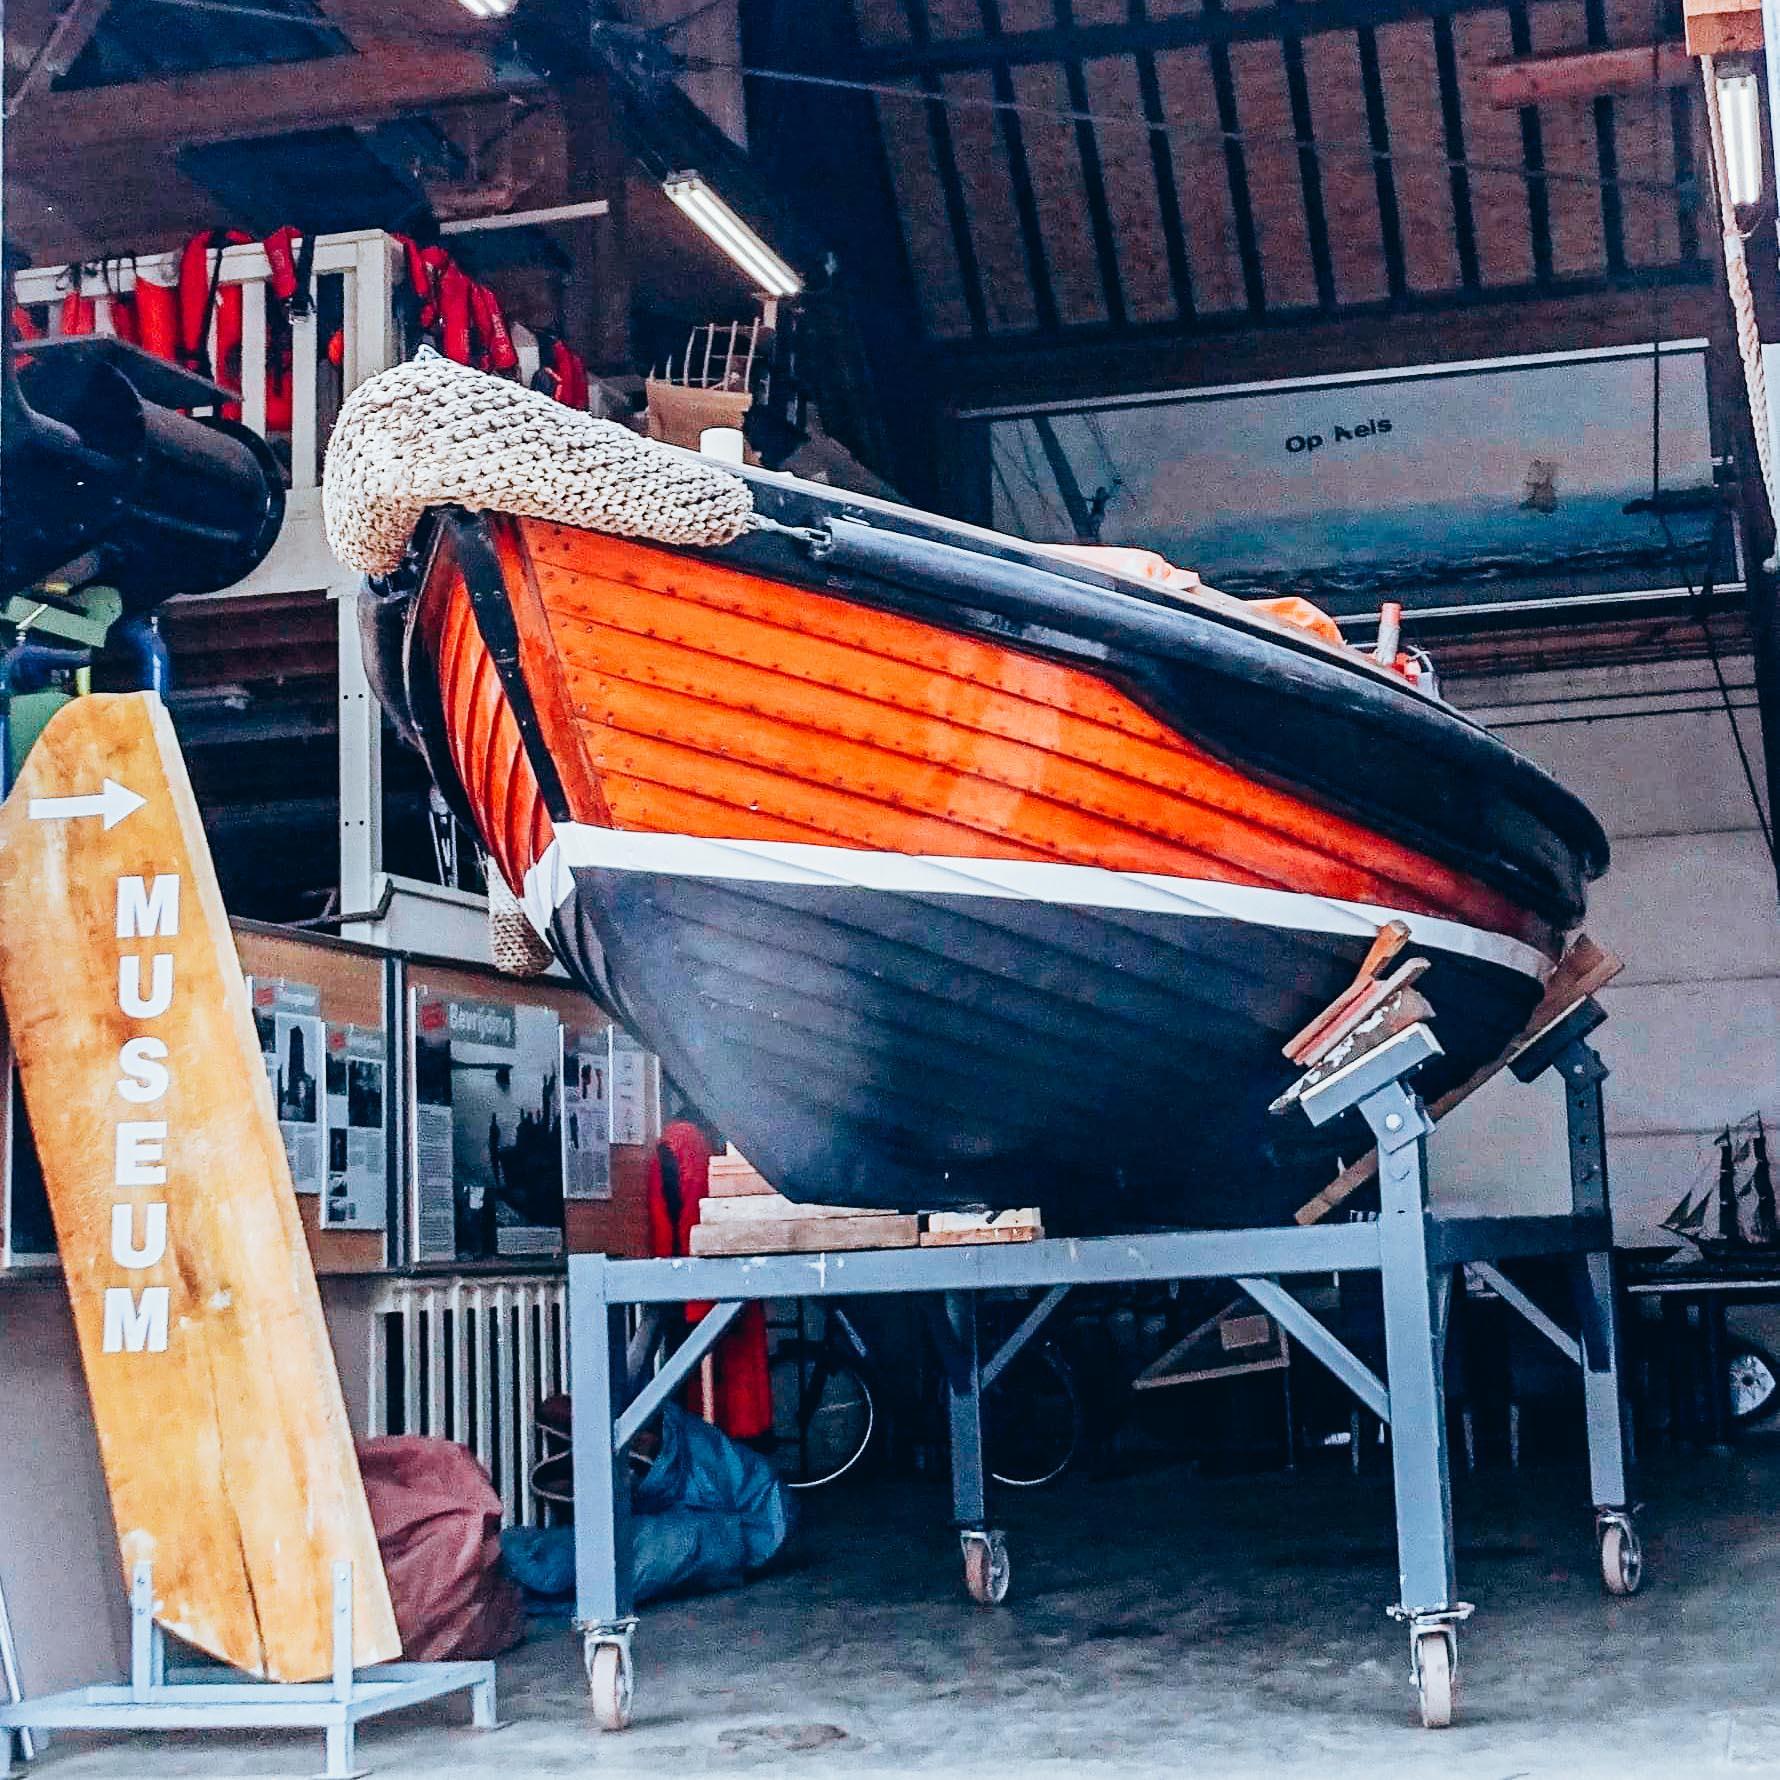 Loodsjol Museumhaven Zeeland